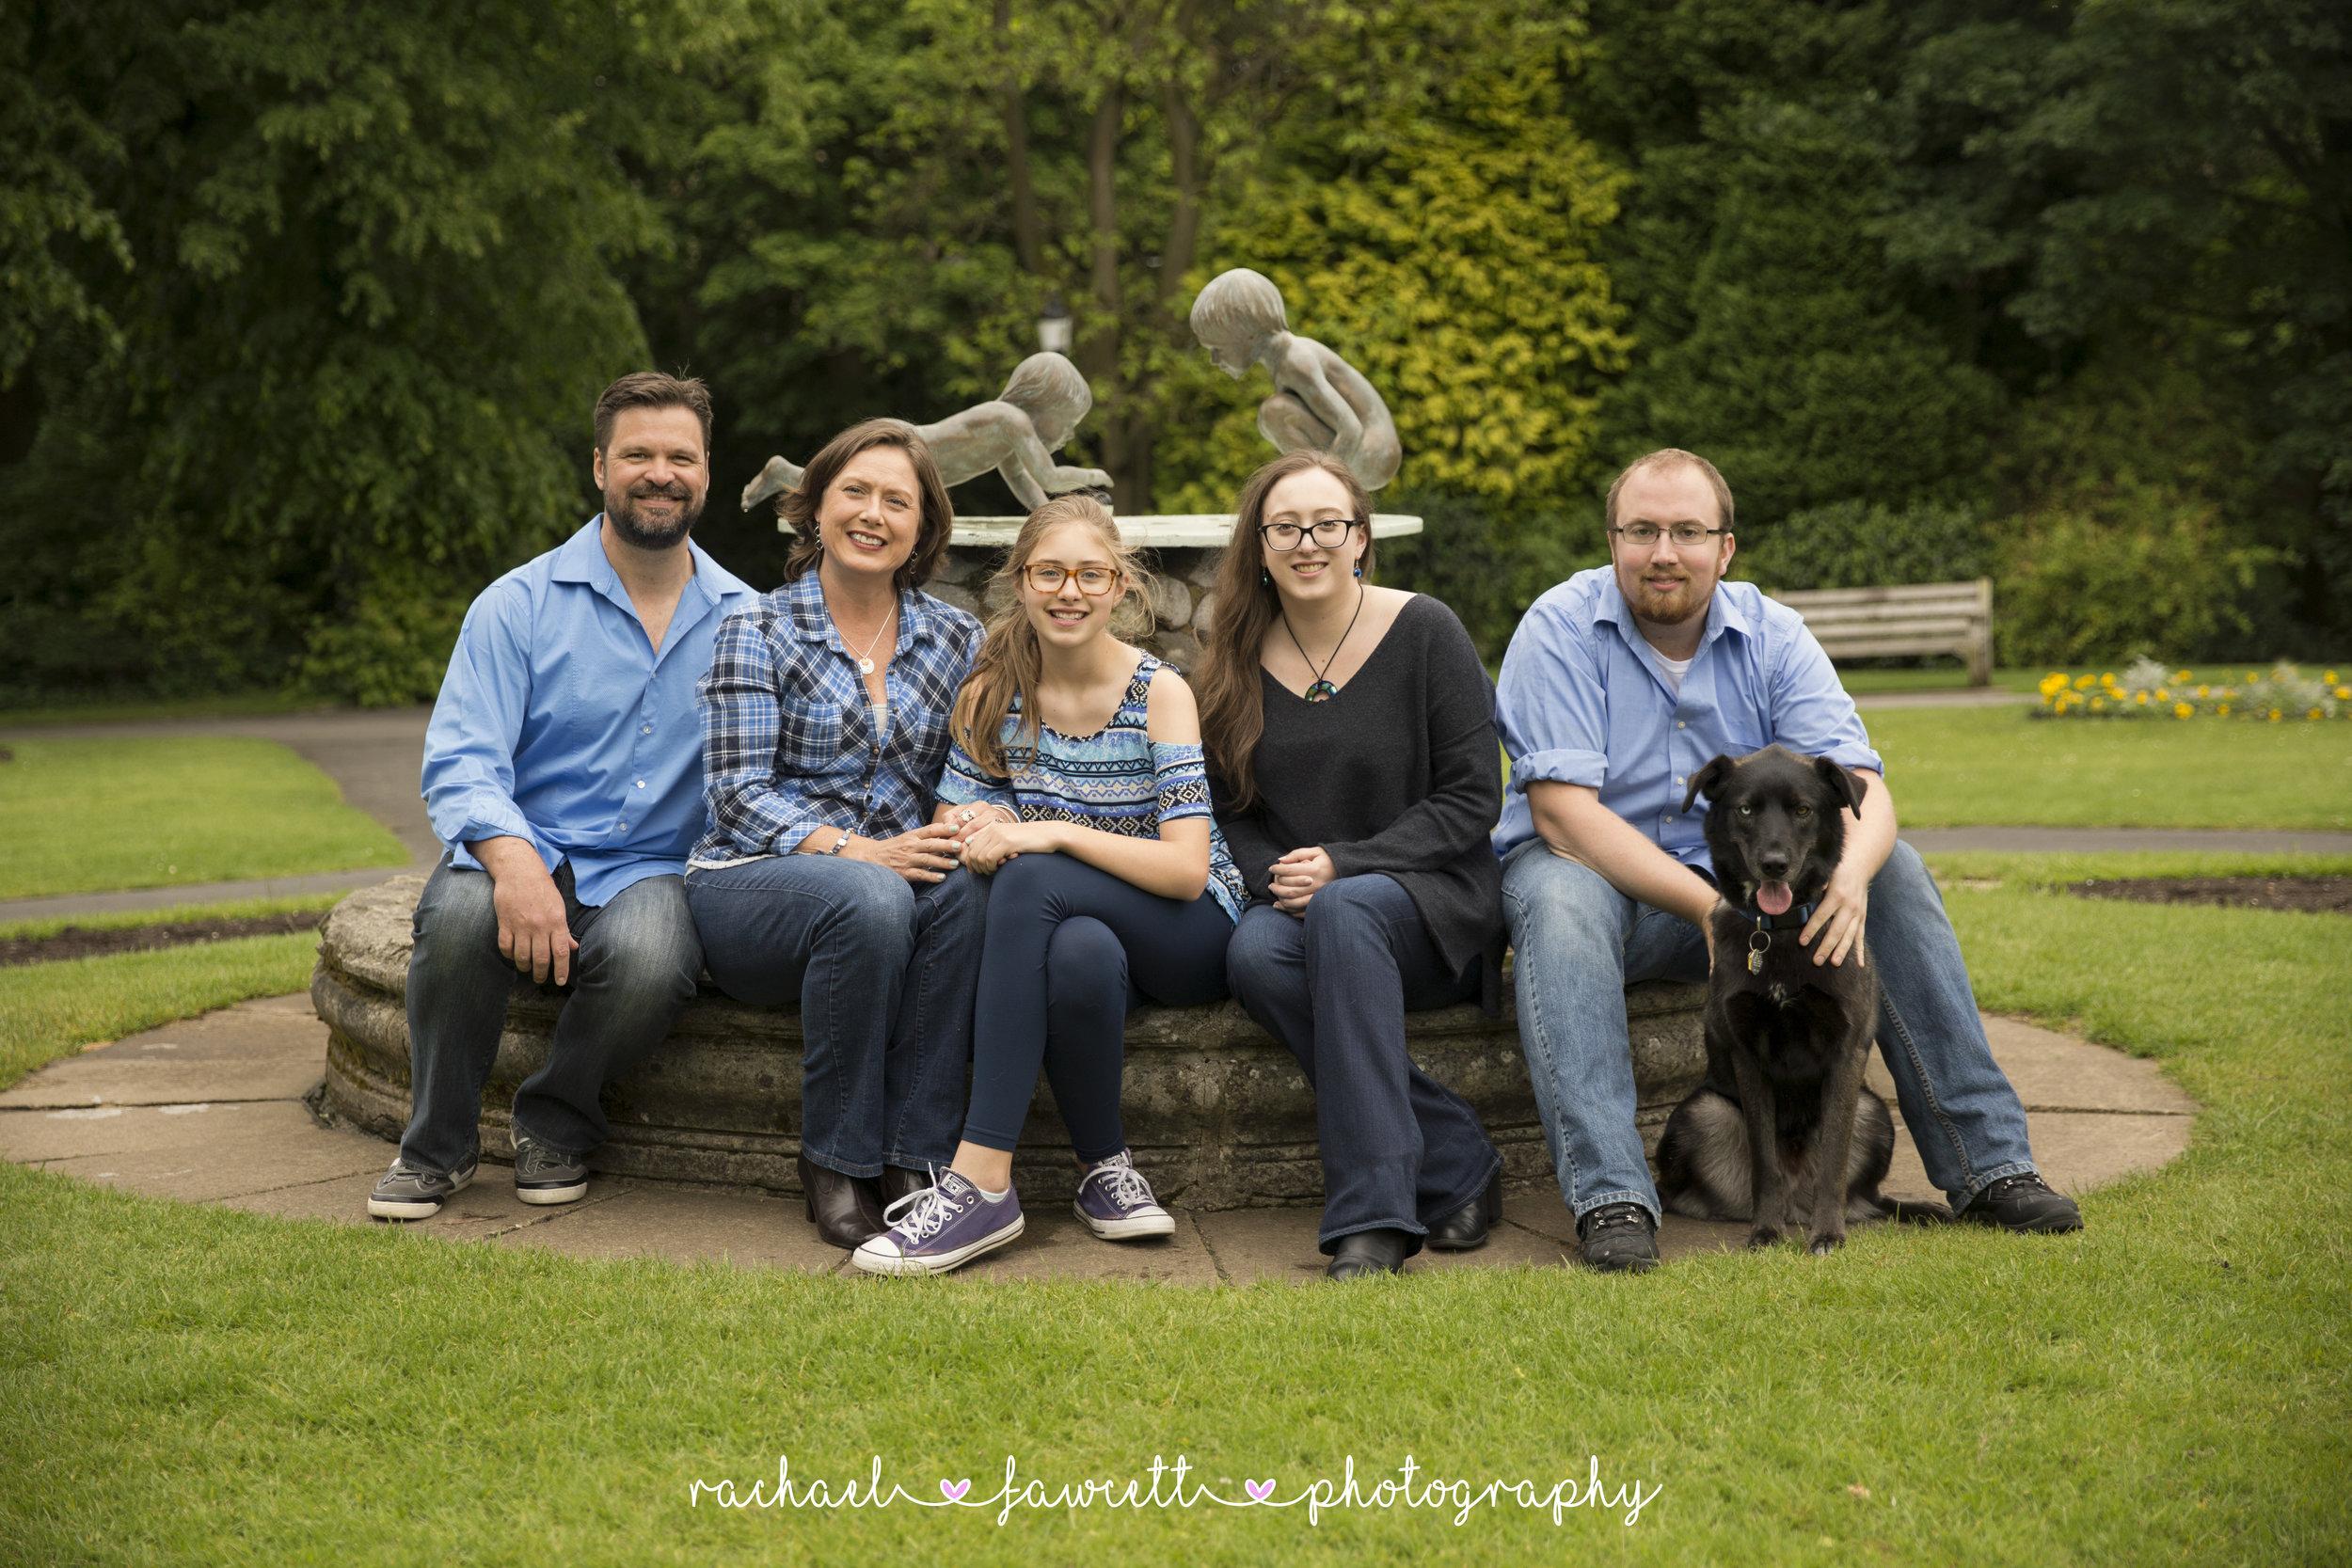 Garczynski Family